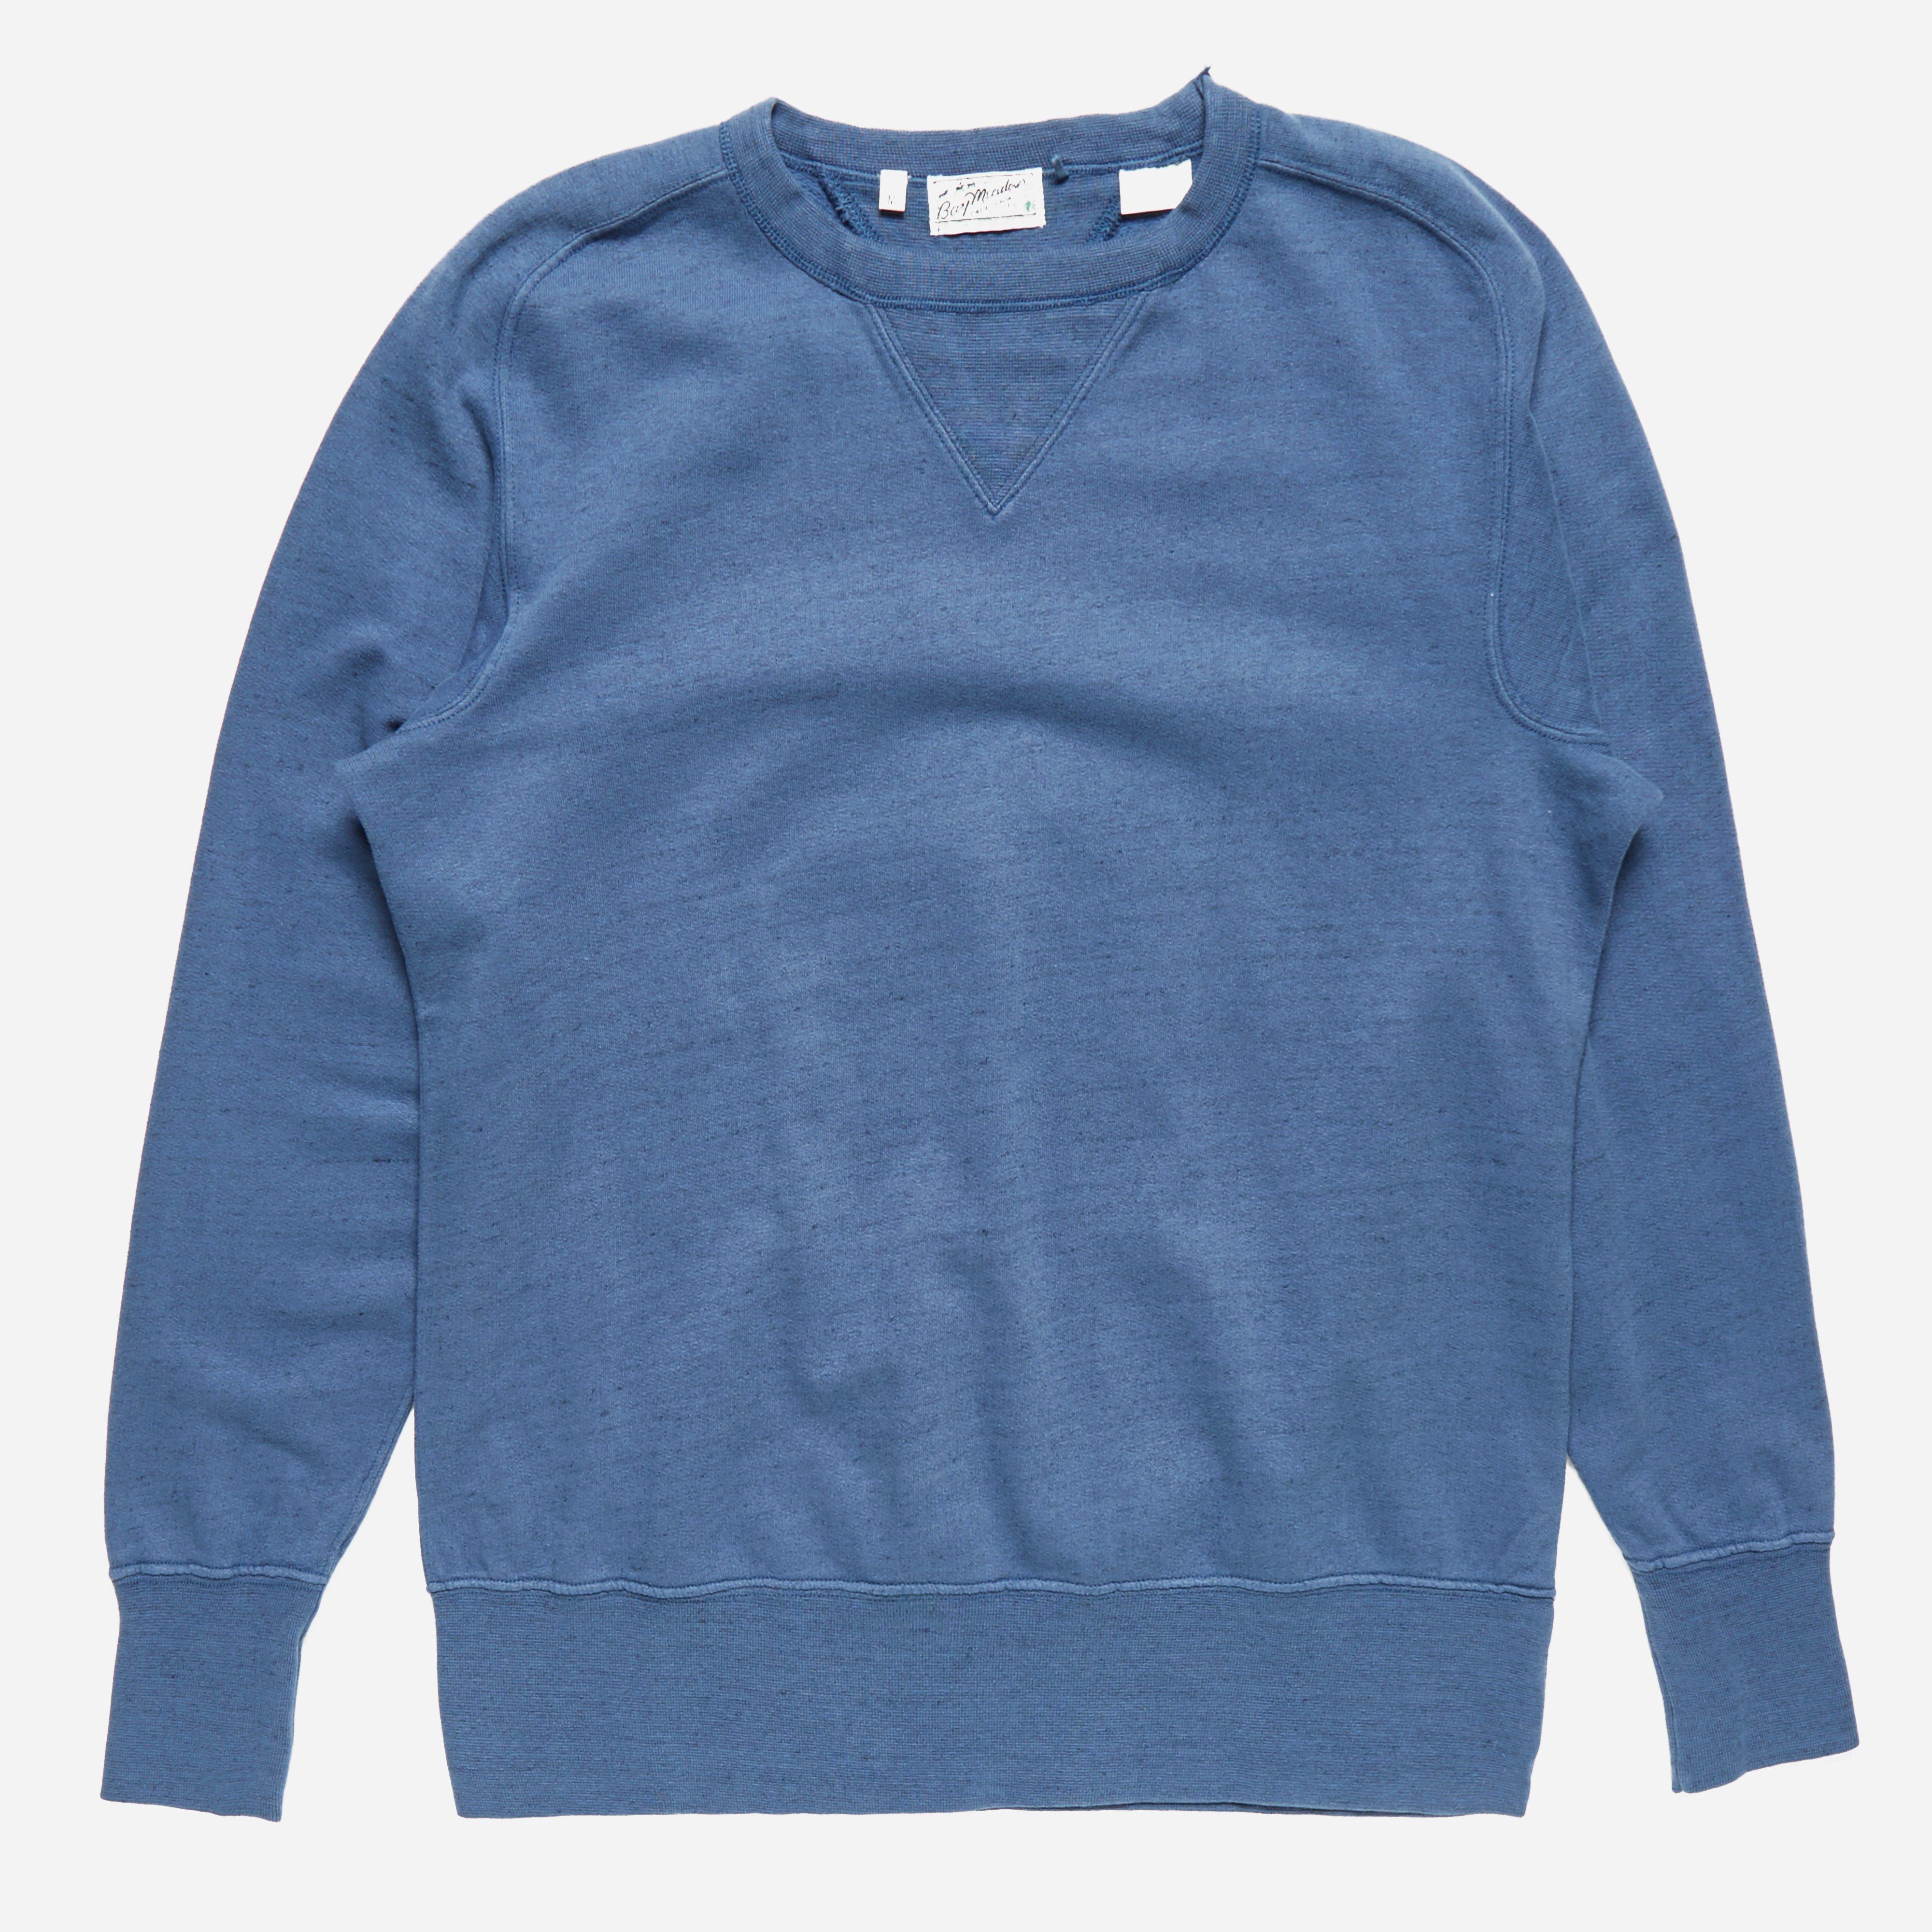 Levis Vintage Bay Meadows Sweatshirt